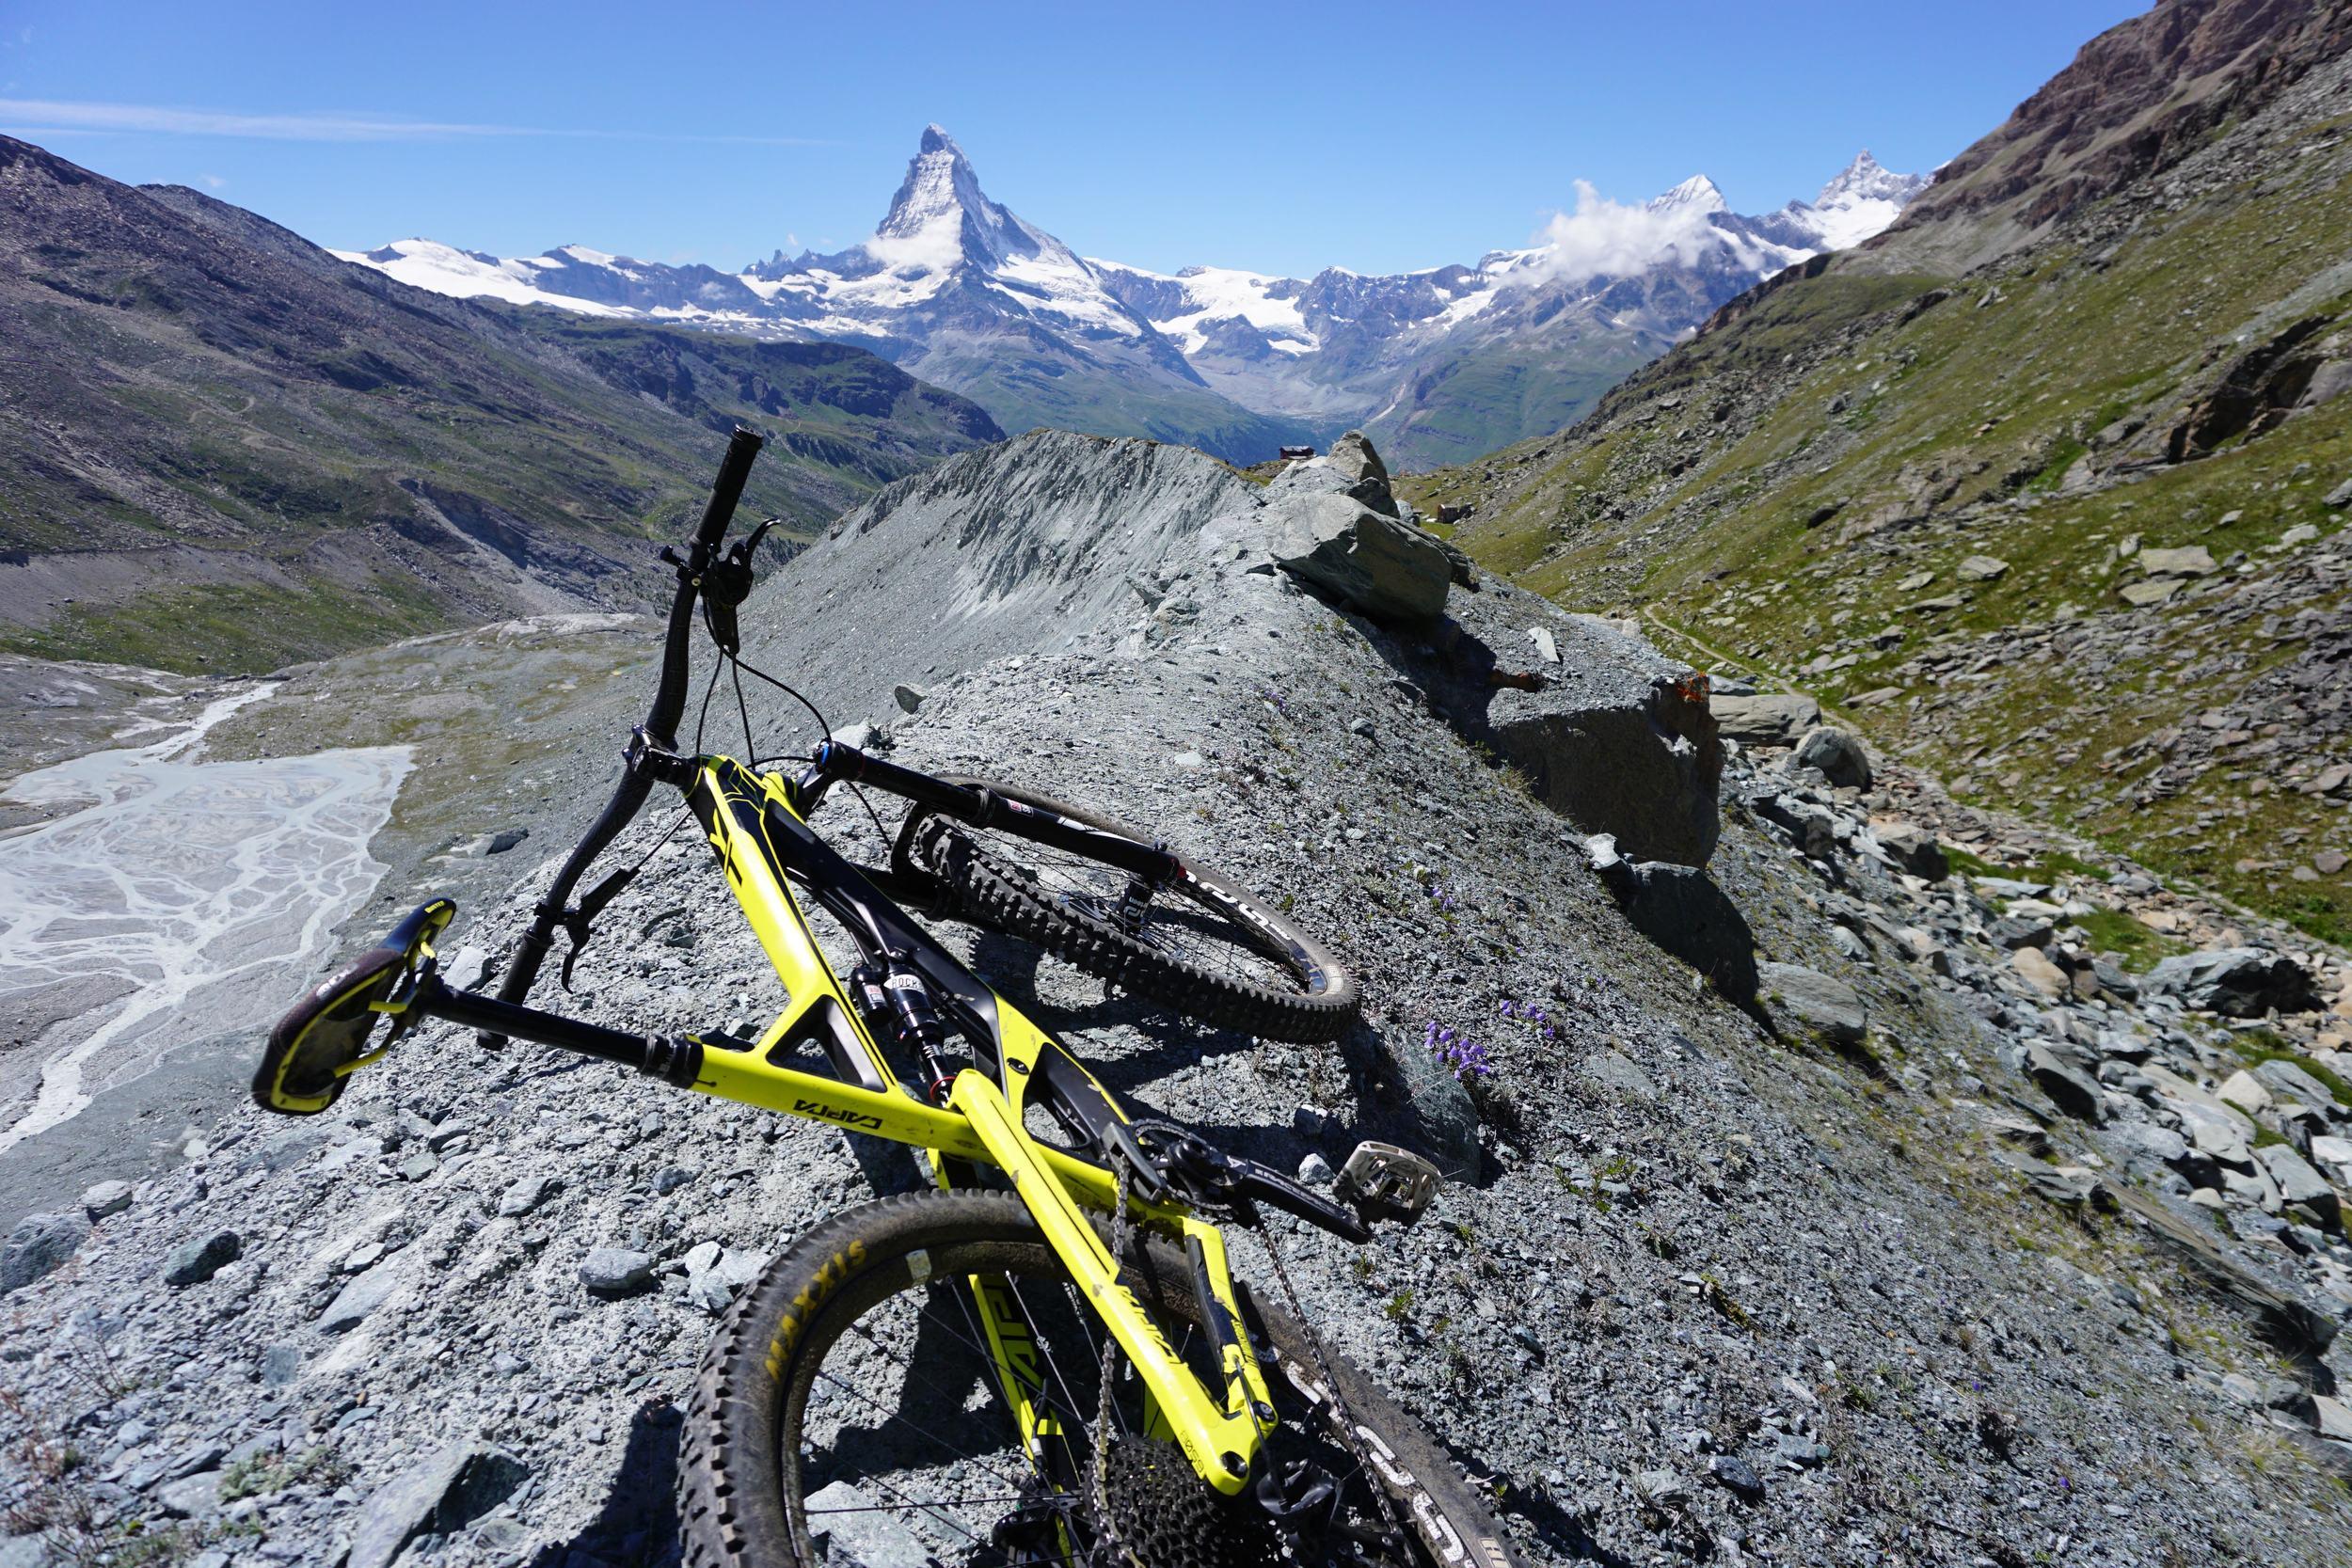 Riding the moraine ridge of the Findel Glacier